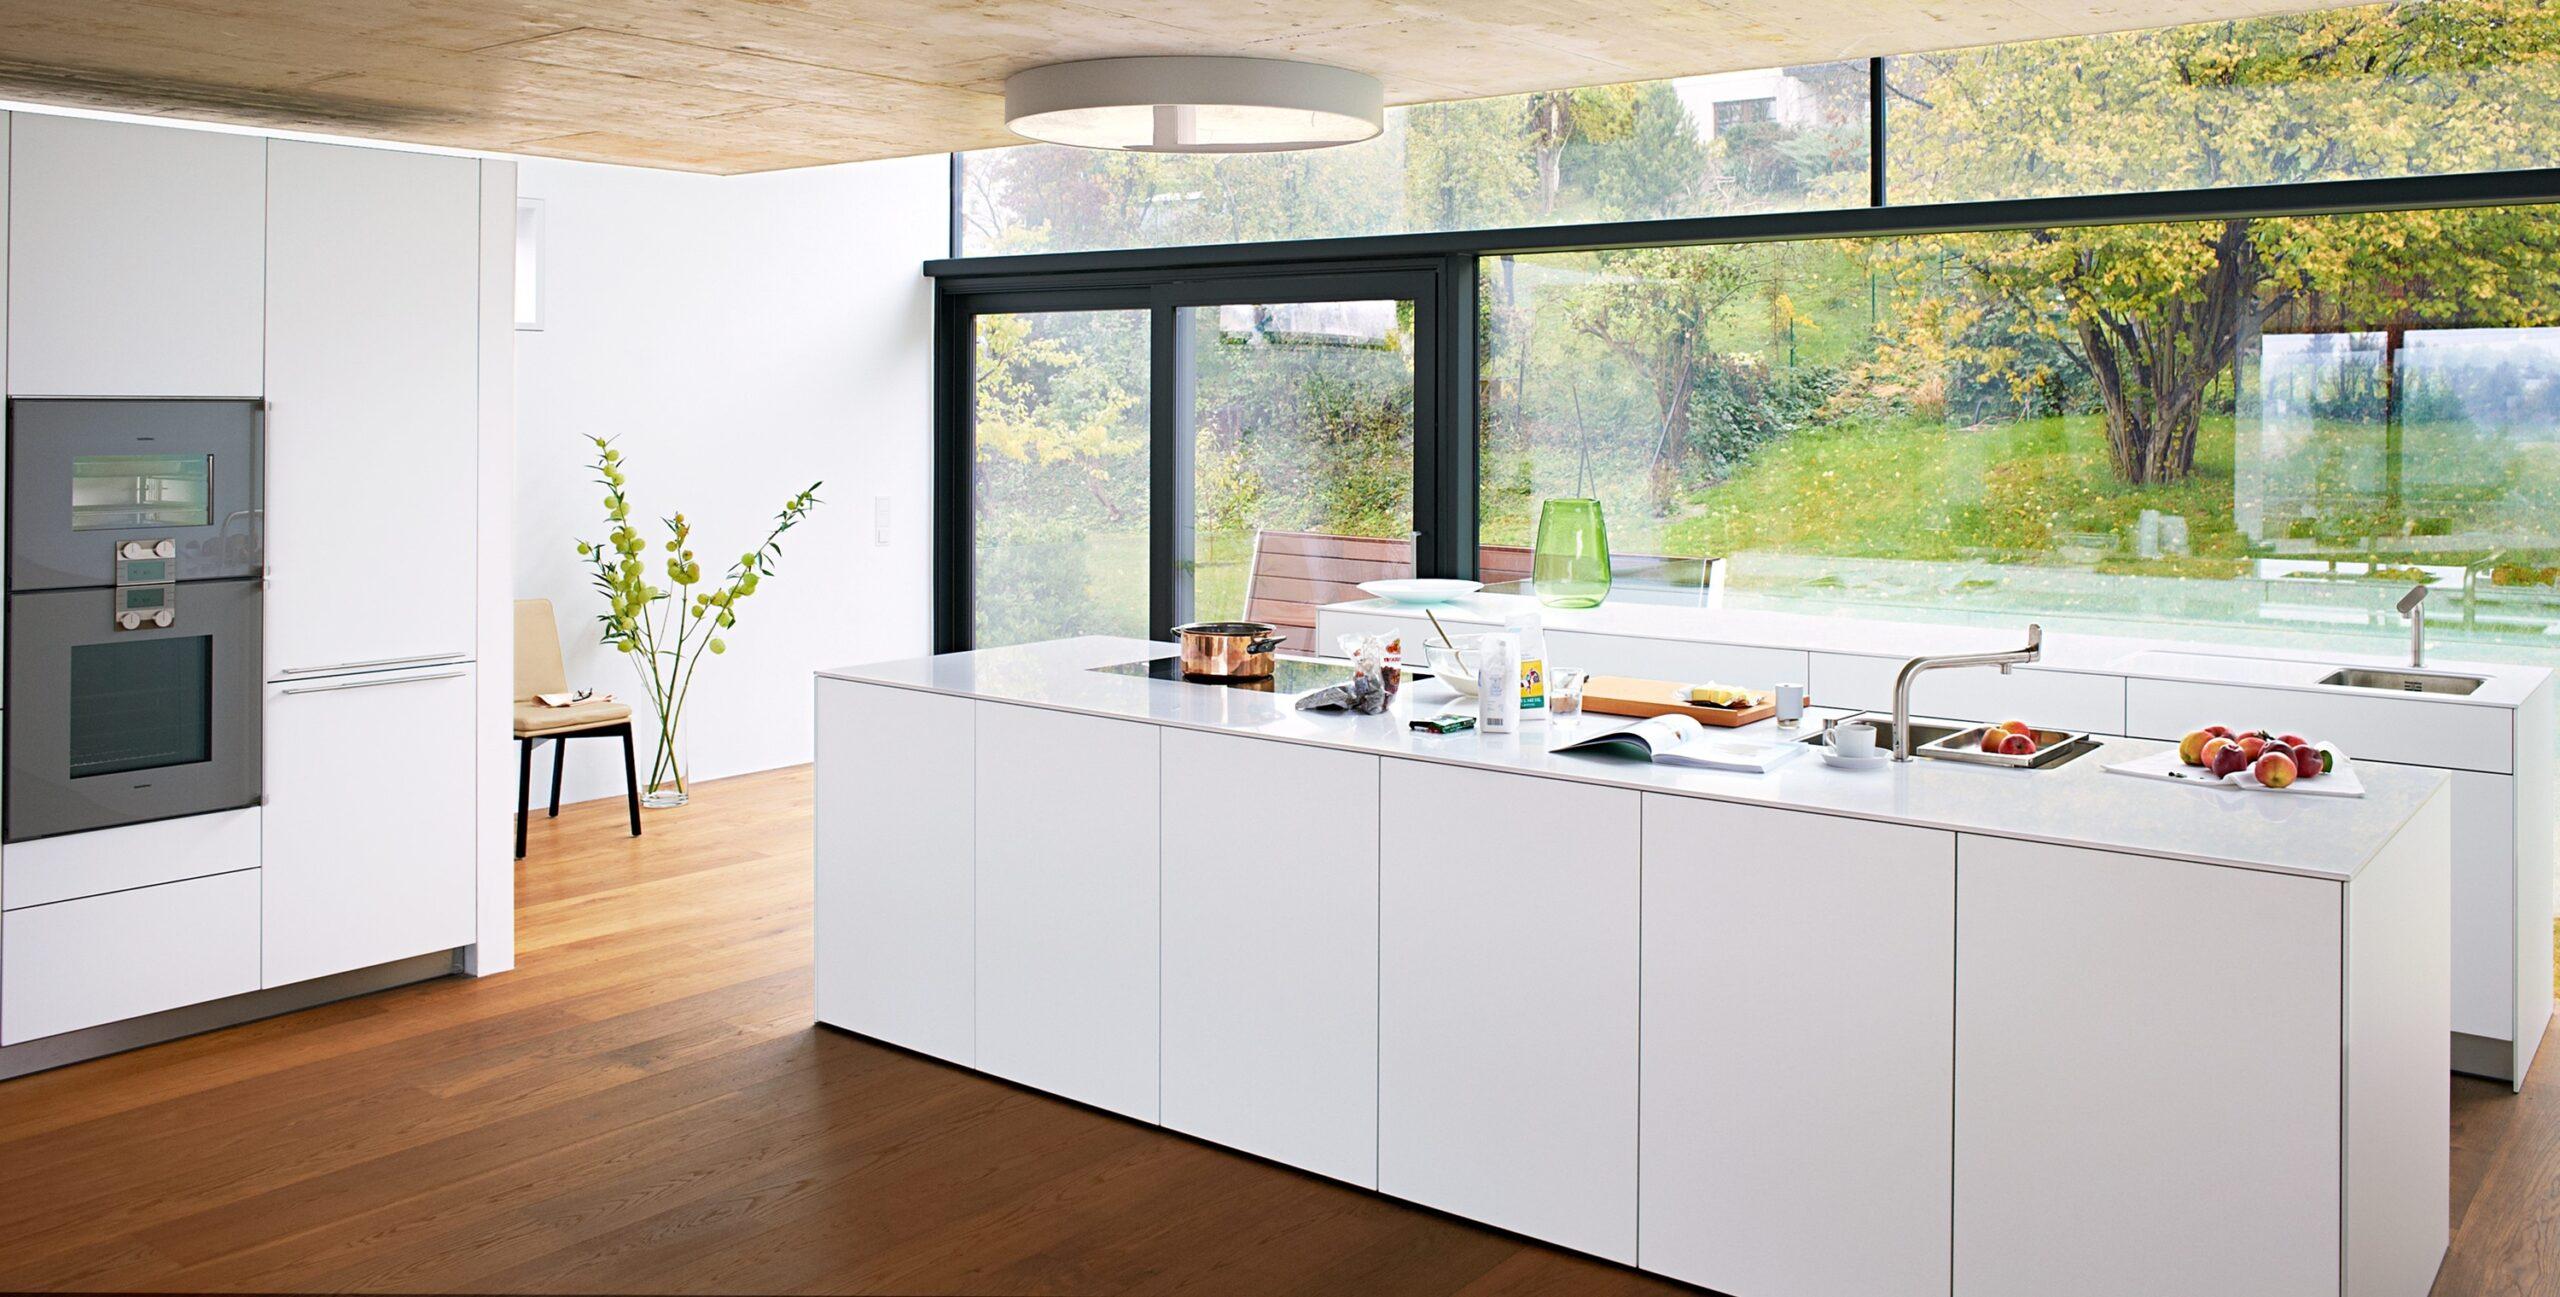 Full Size of Bulthaup Am Mediapark Kchen Home Inselküche Abverkauf Küchen Regal Bad Wohnzimmer Bulthaup Küchen Abverkauf österreich